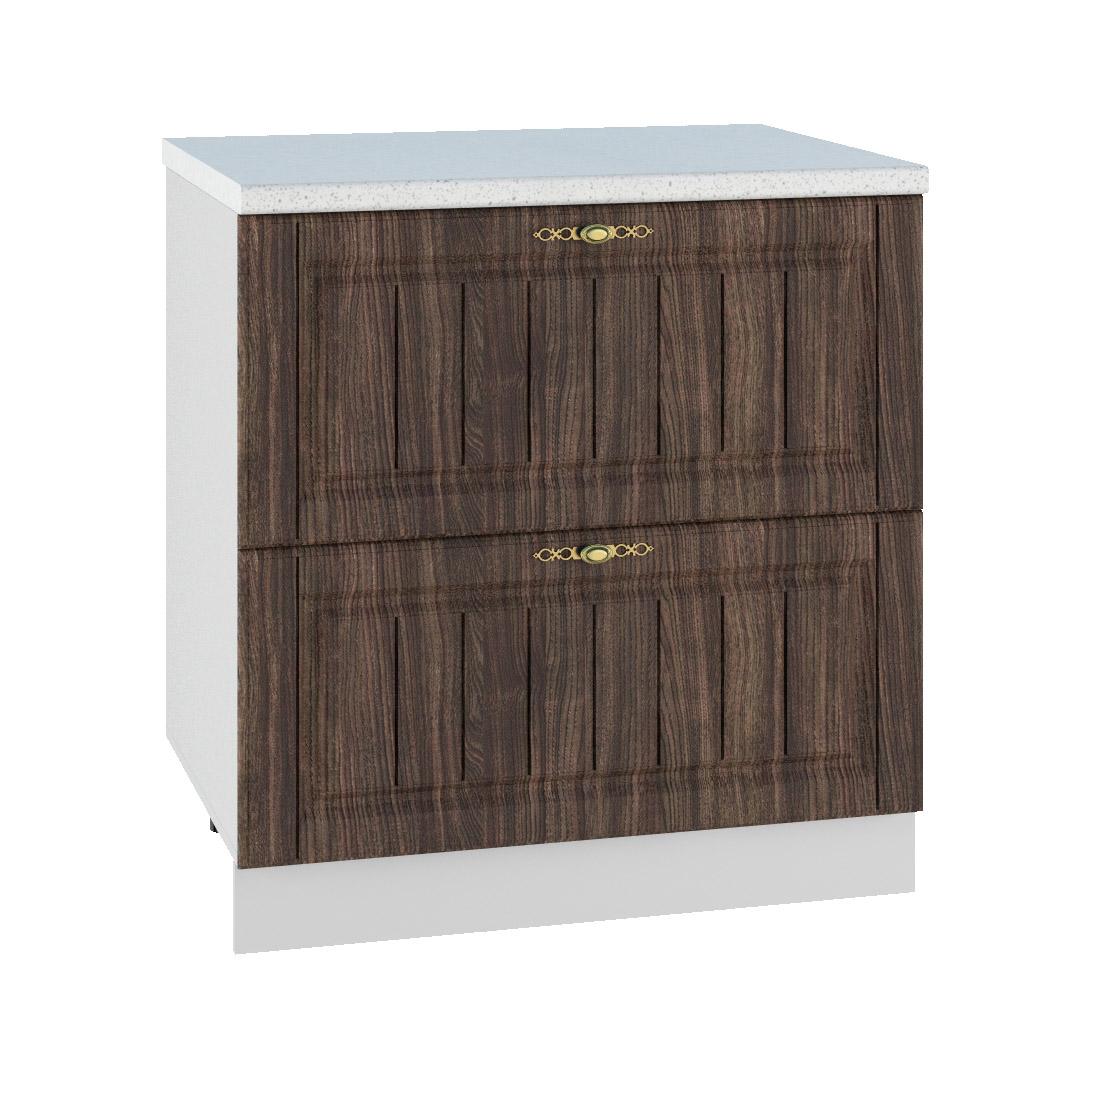 Кухня Империя СК2 800 Шкаф нижний комод